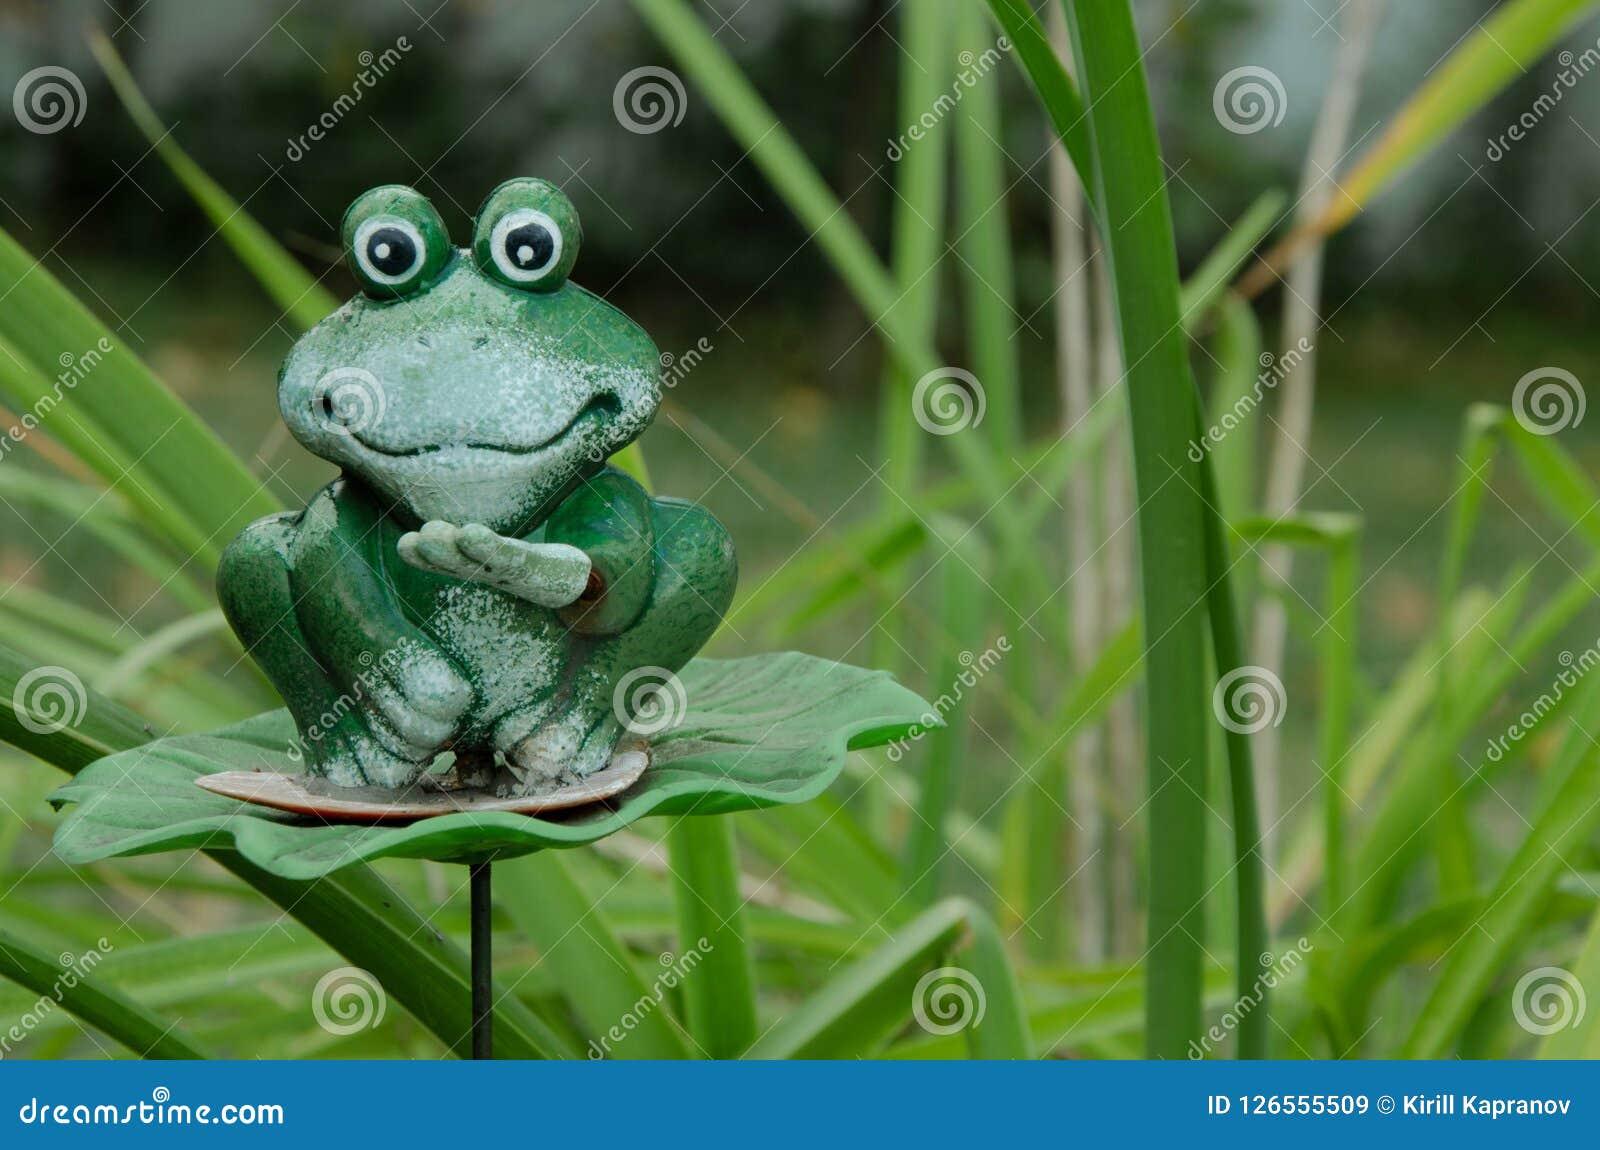 Grüner Spielzeugfrosch auf Grashintergrund